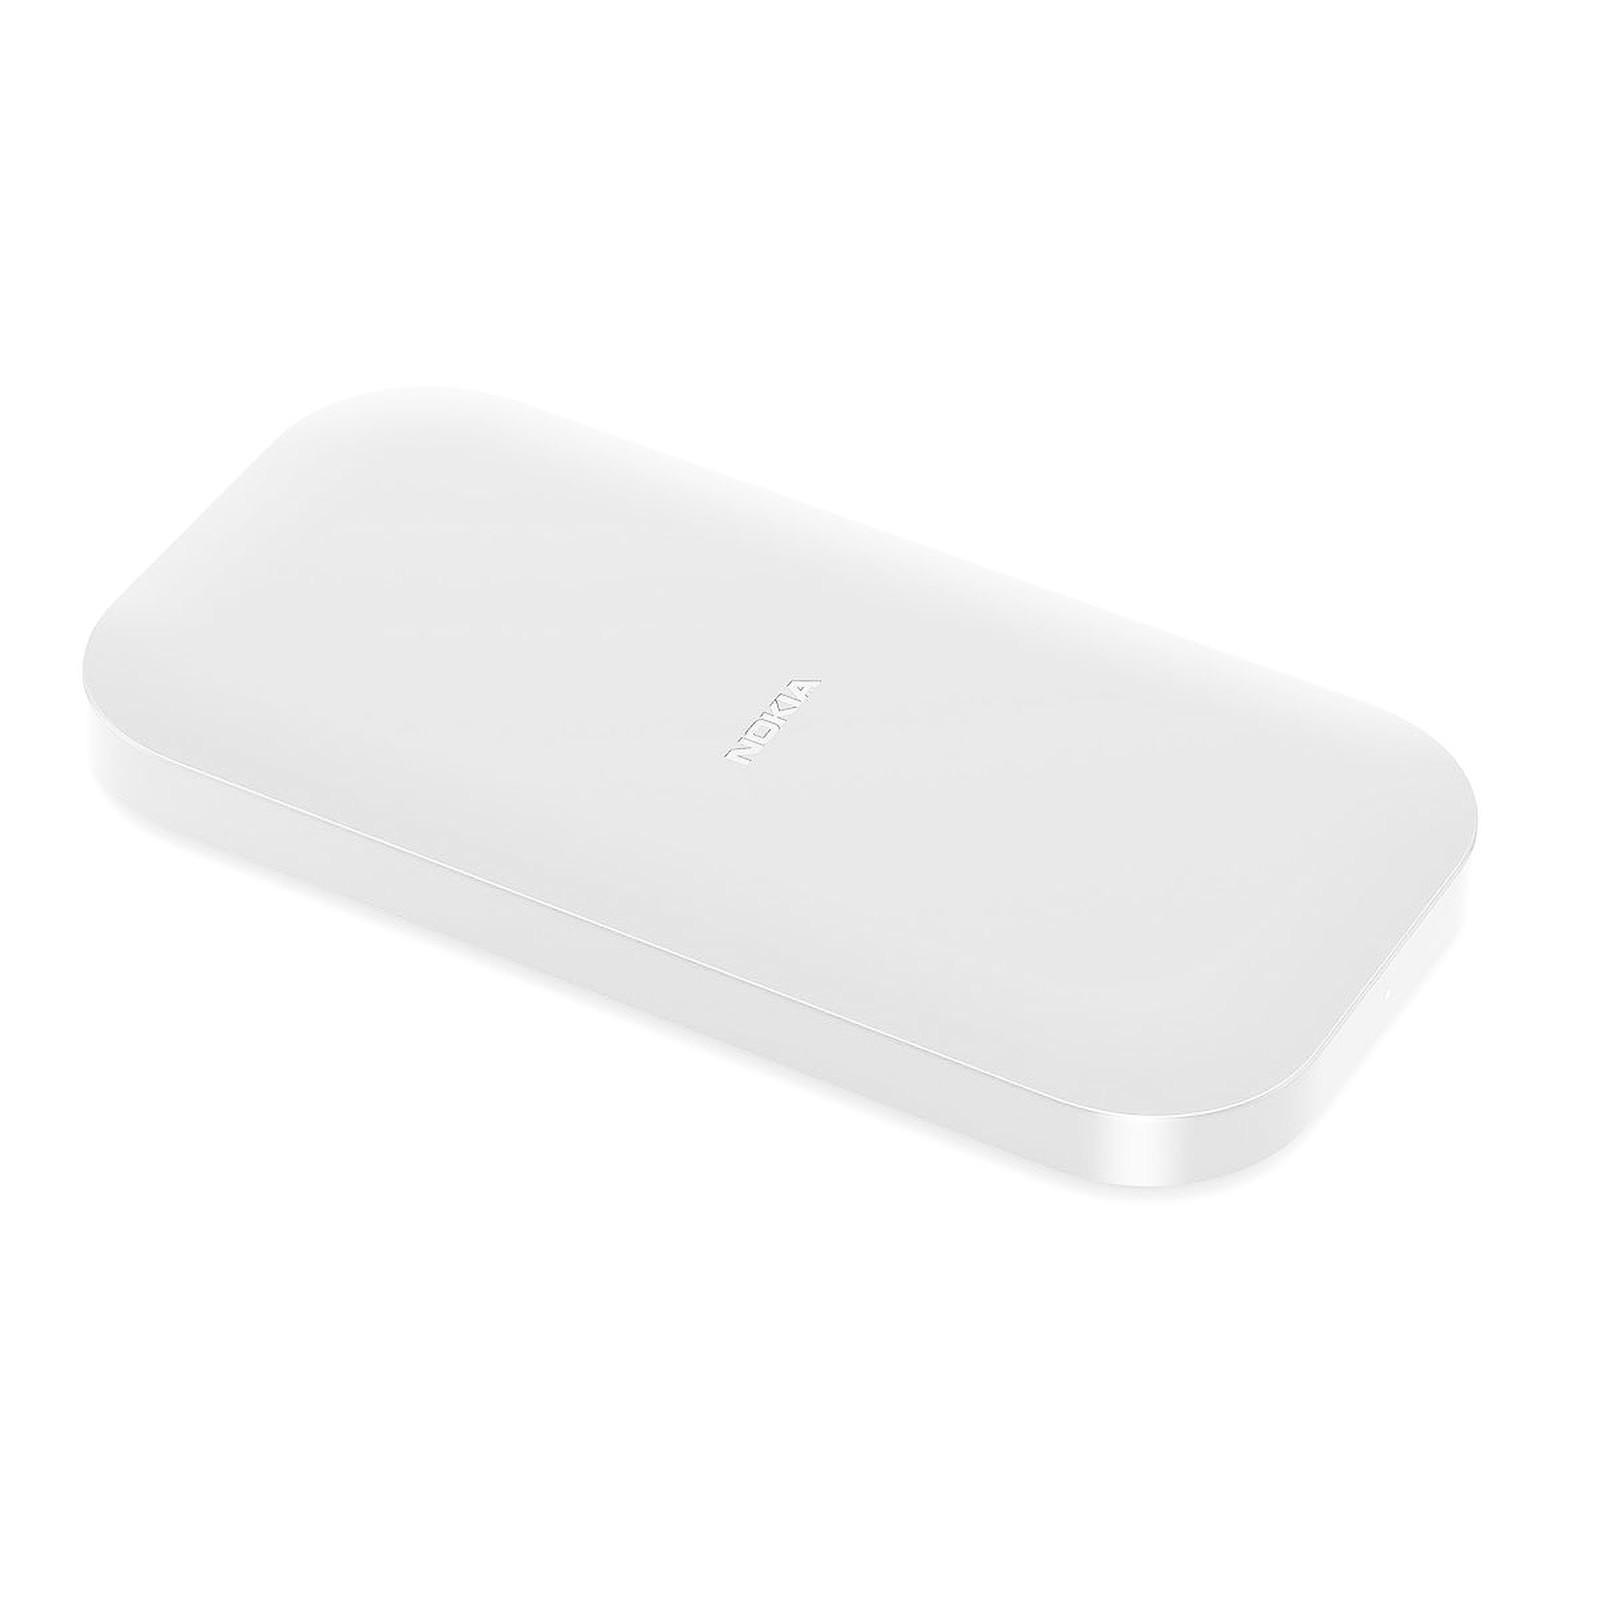 Nokia Socle De Chargement Sans Fil Dc 50 Blanc Chargeur